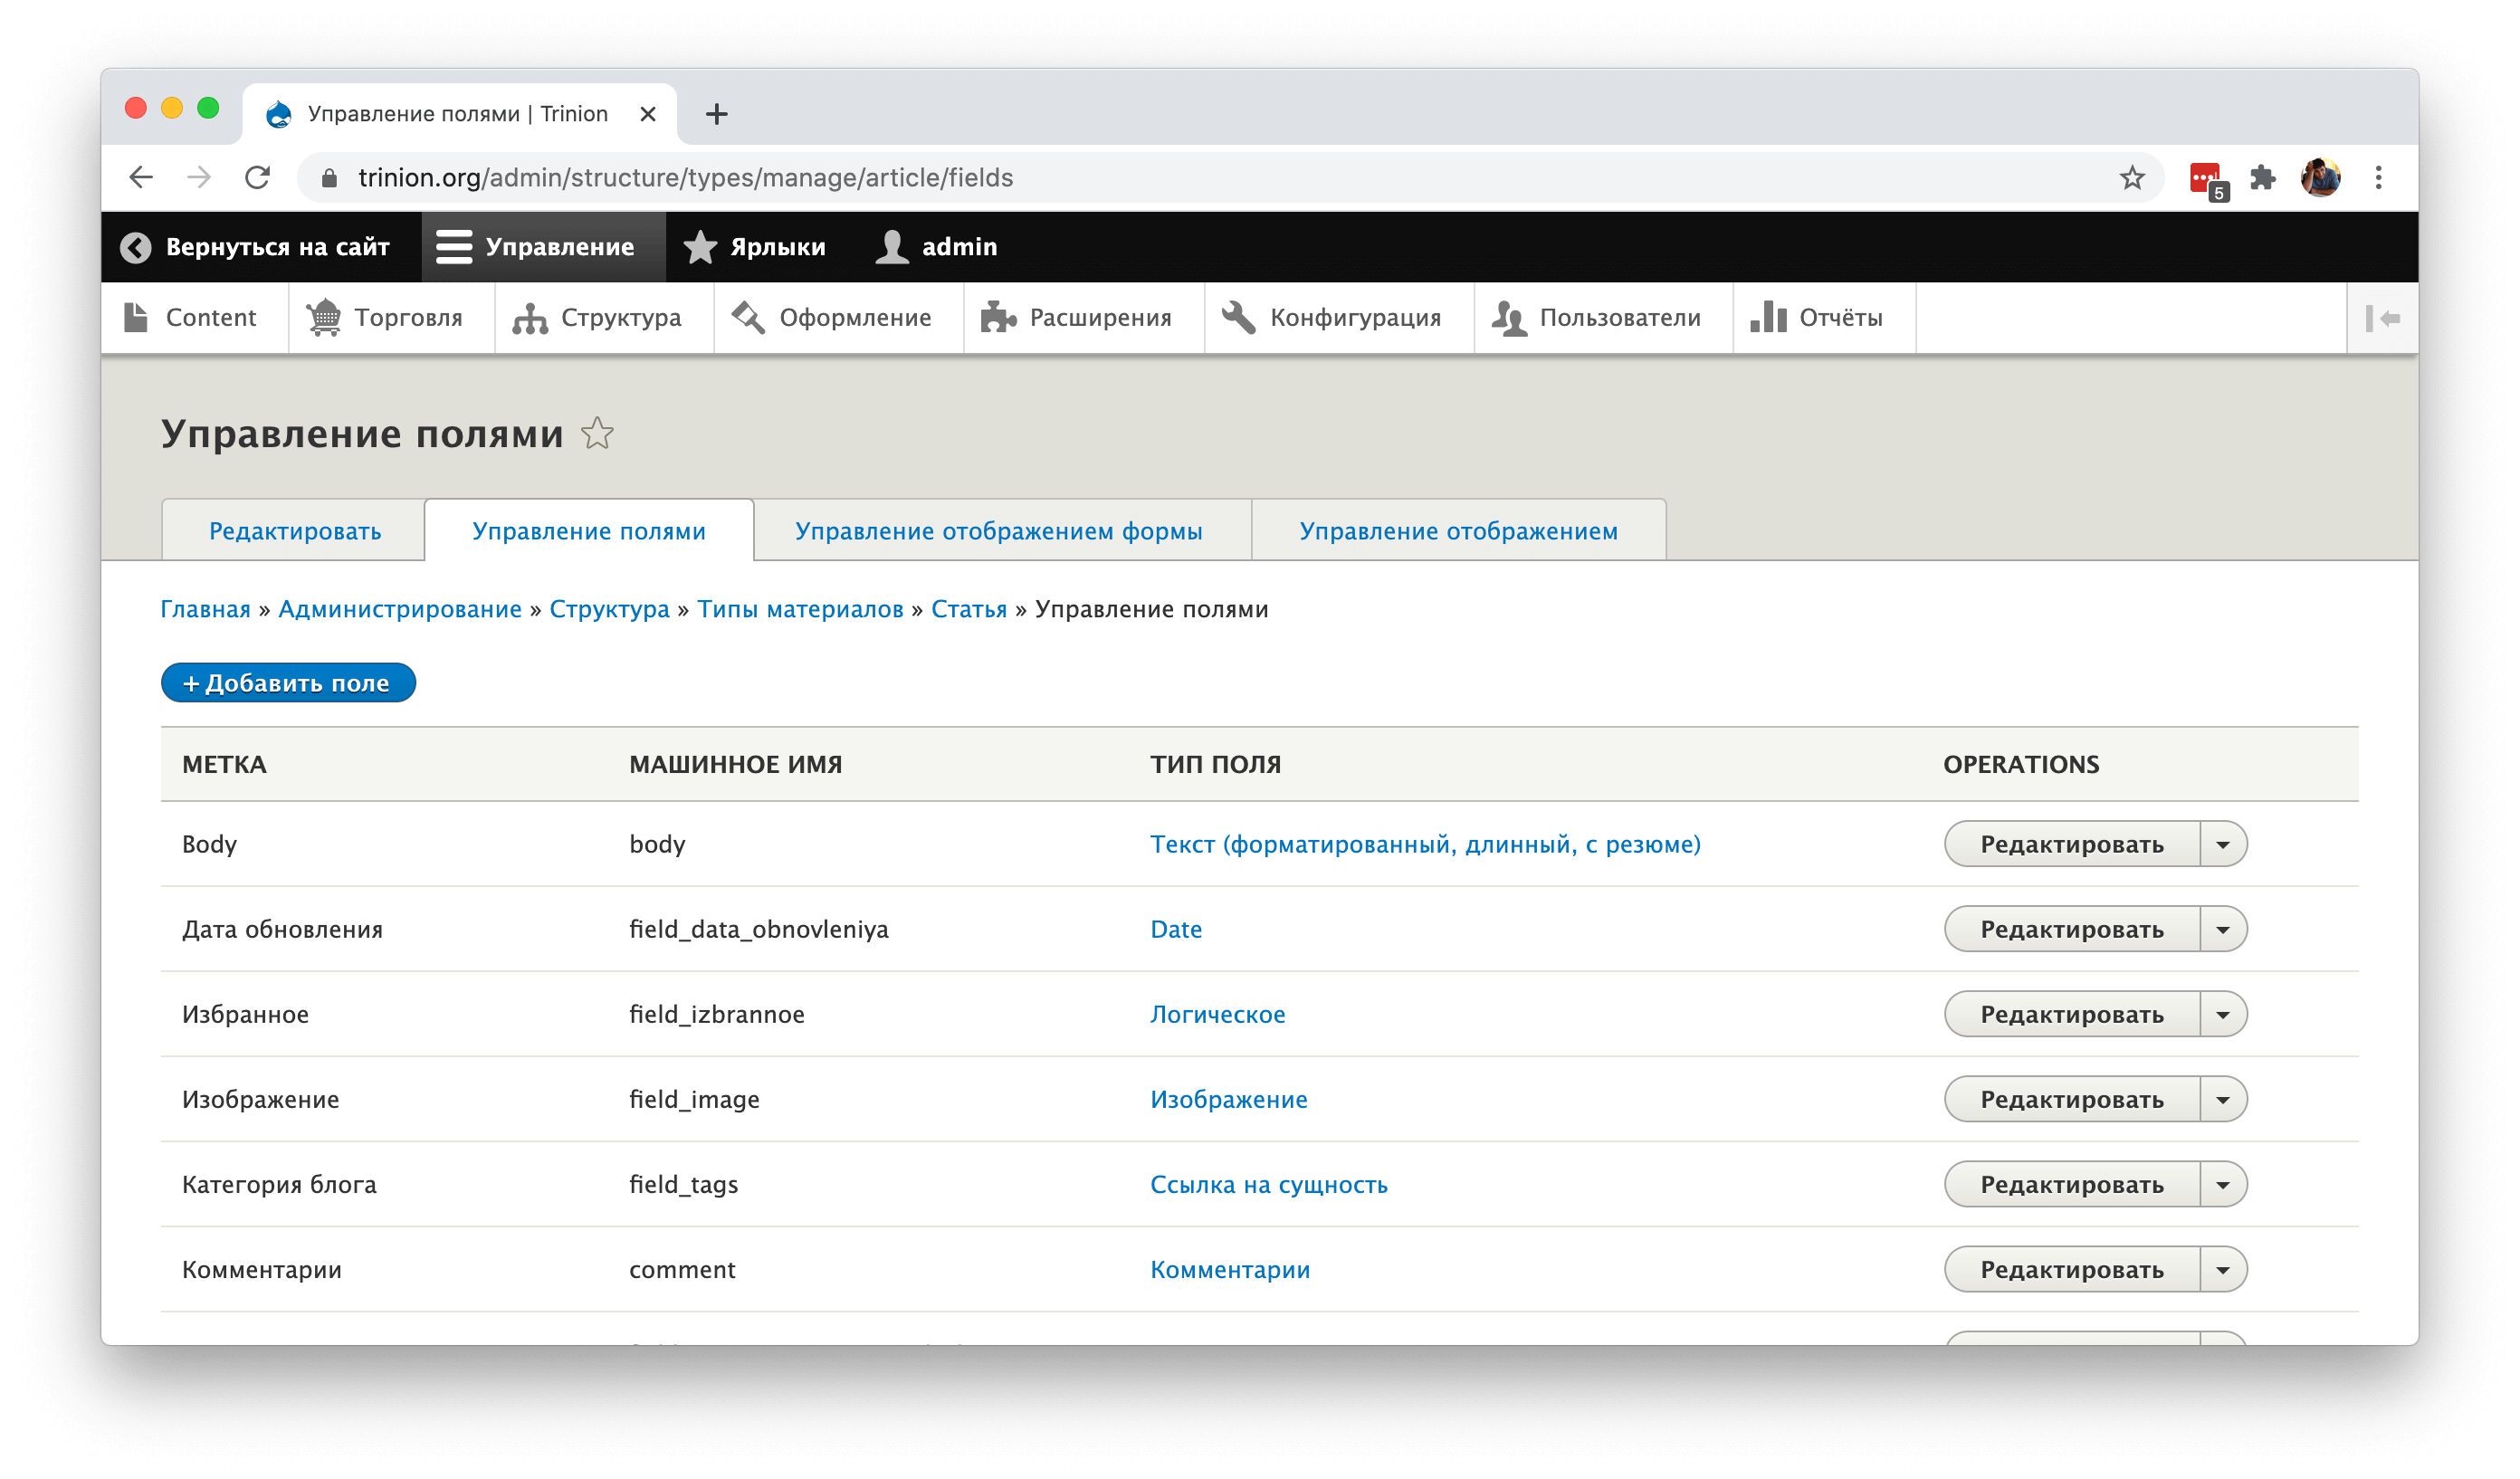 Начинаем работать с Drupal: полное практическое руководство (часть 1) / Хабр